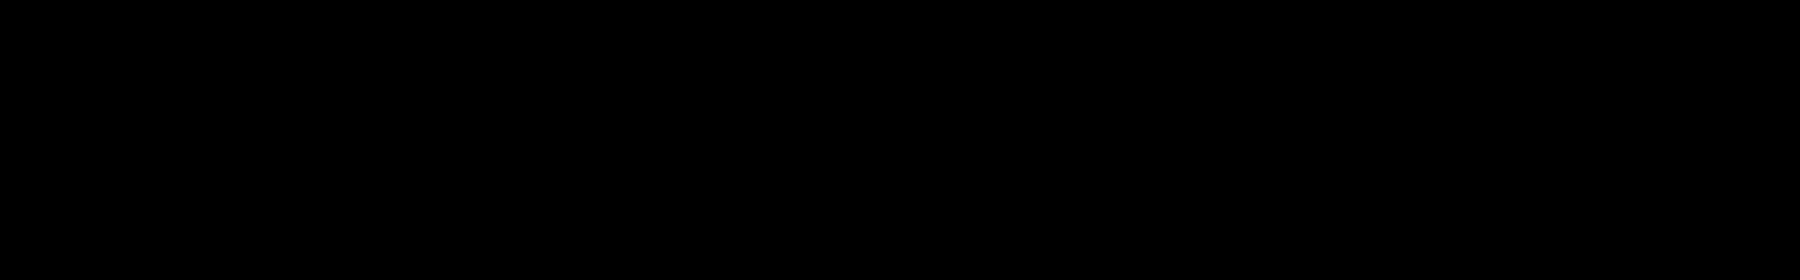 CORVUS audio waveform